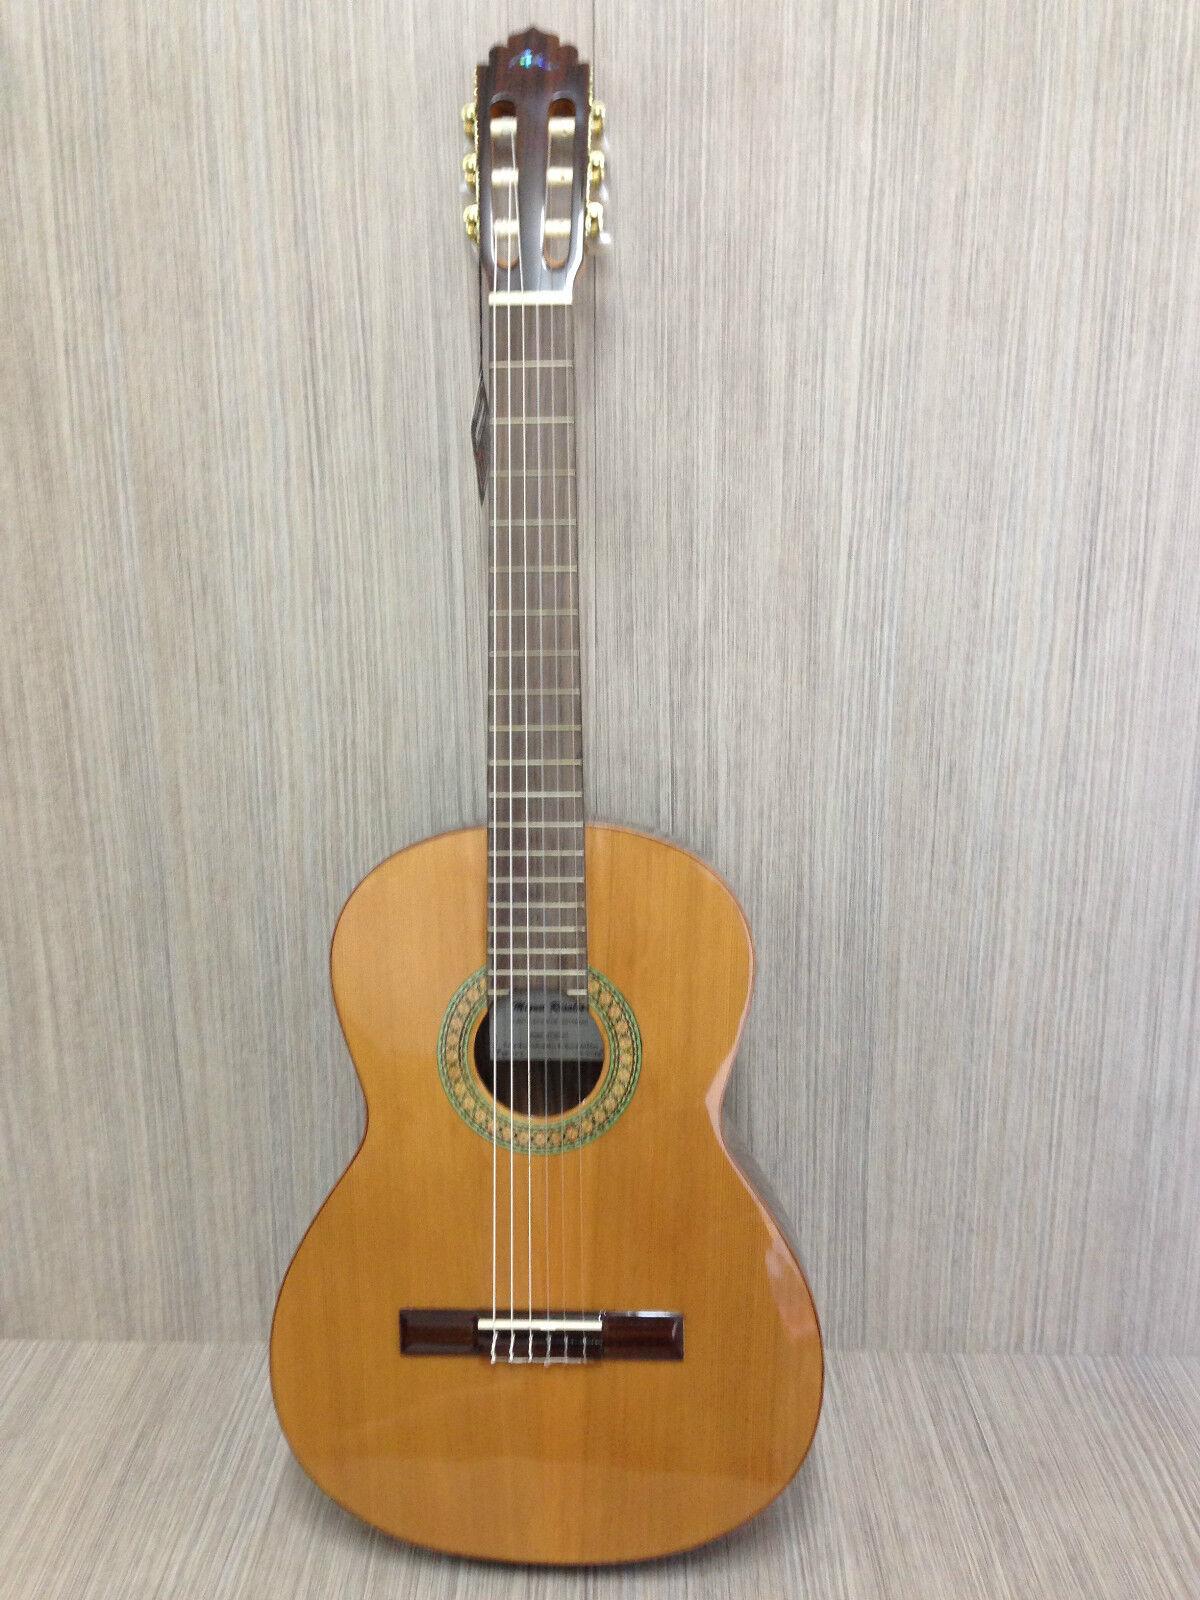 MRC1 Solid    Ceder Top Classical Guitar 0bd2ec